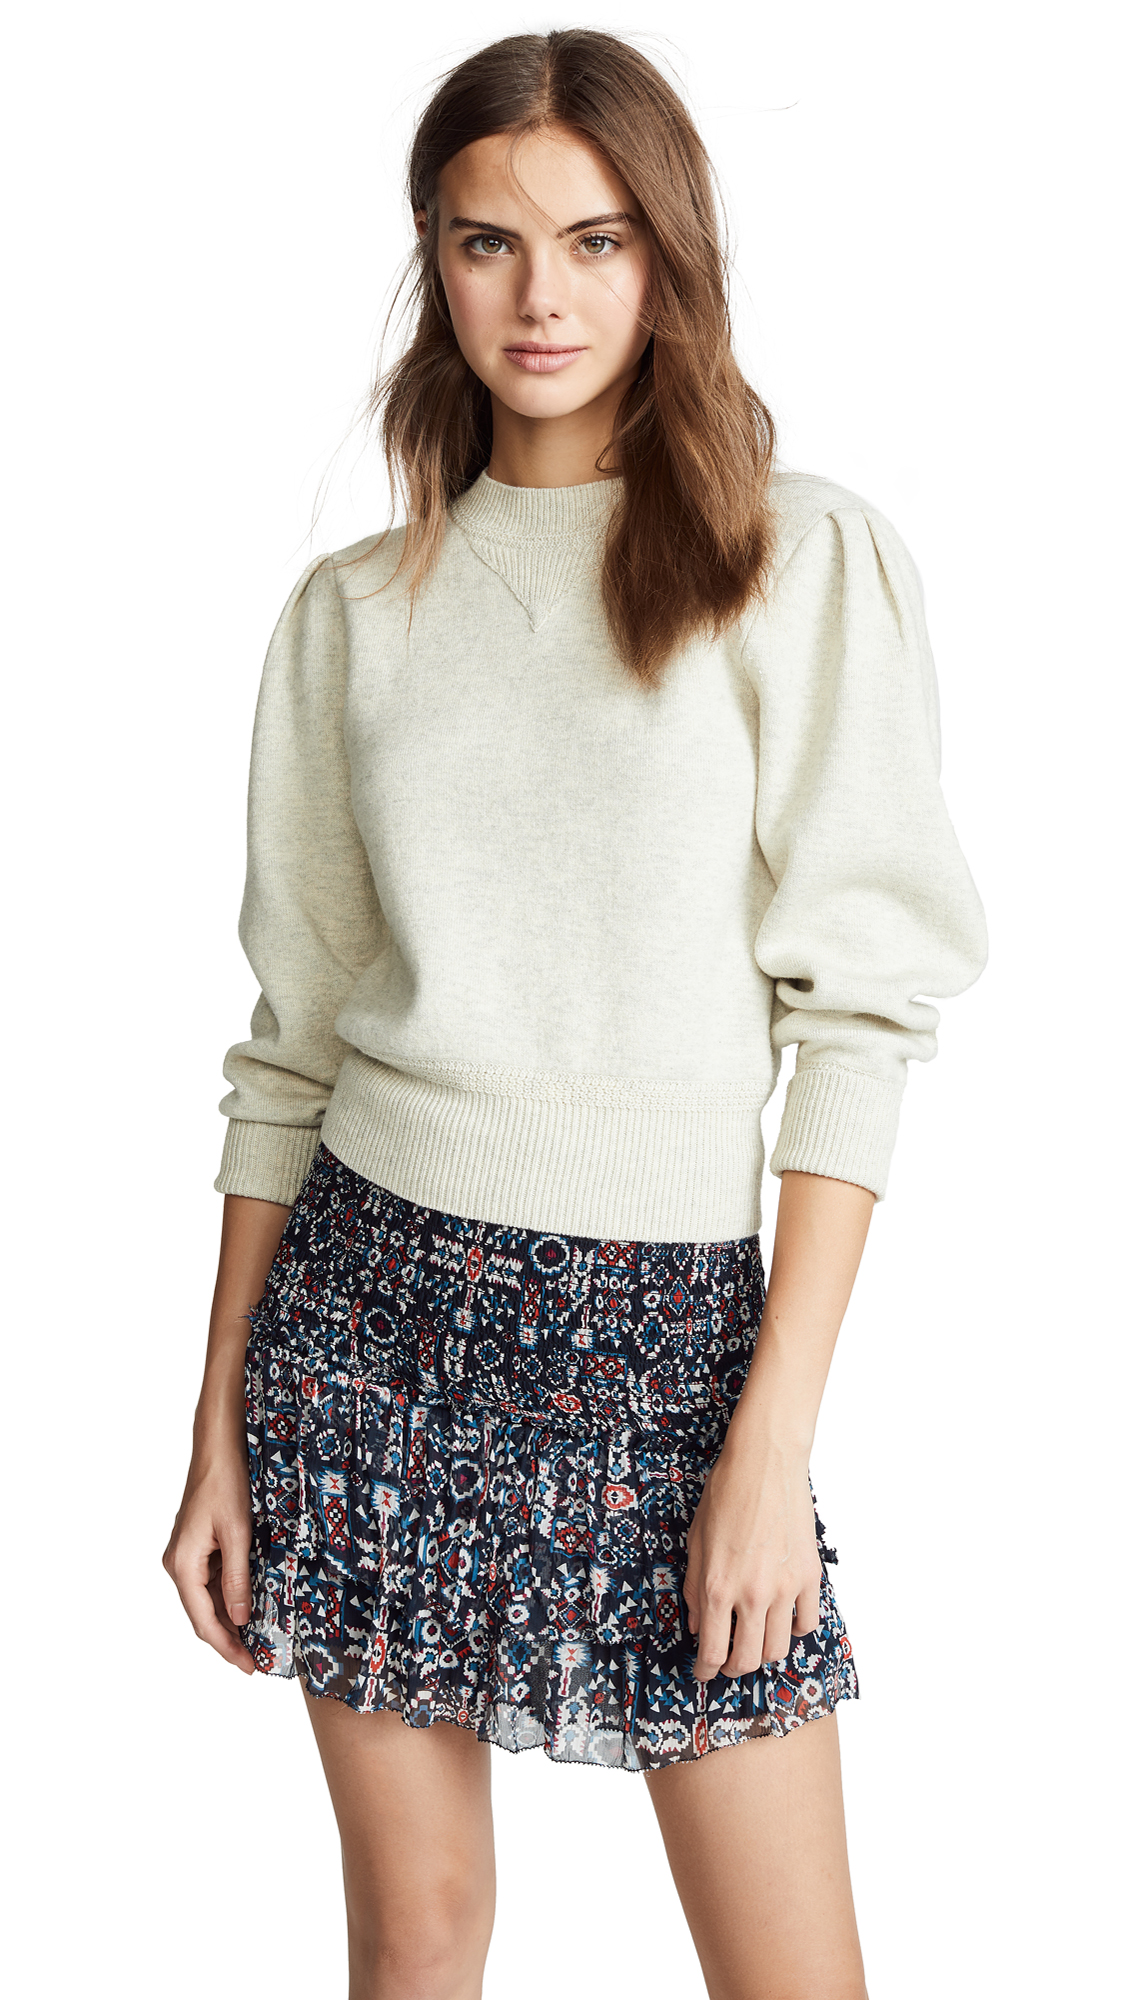 Isabel Marant Etoile Kelaya Sweater - Light Grey